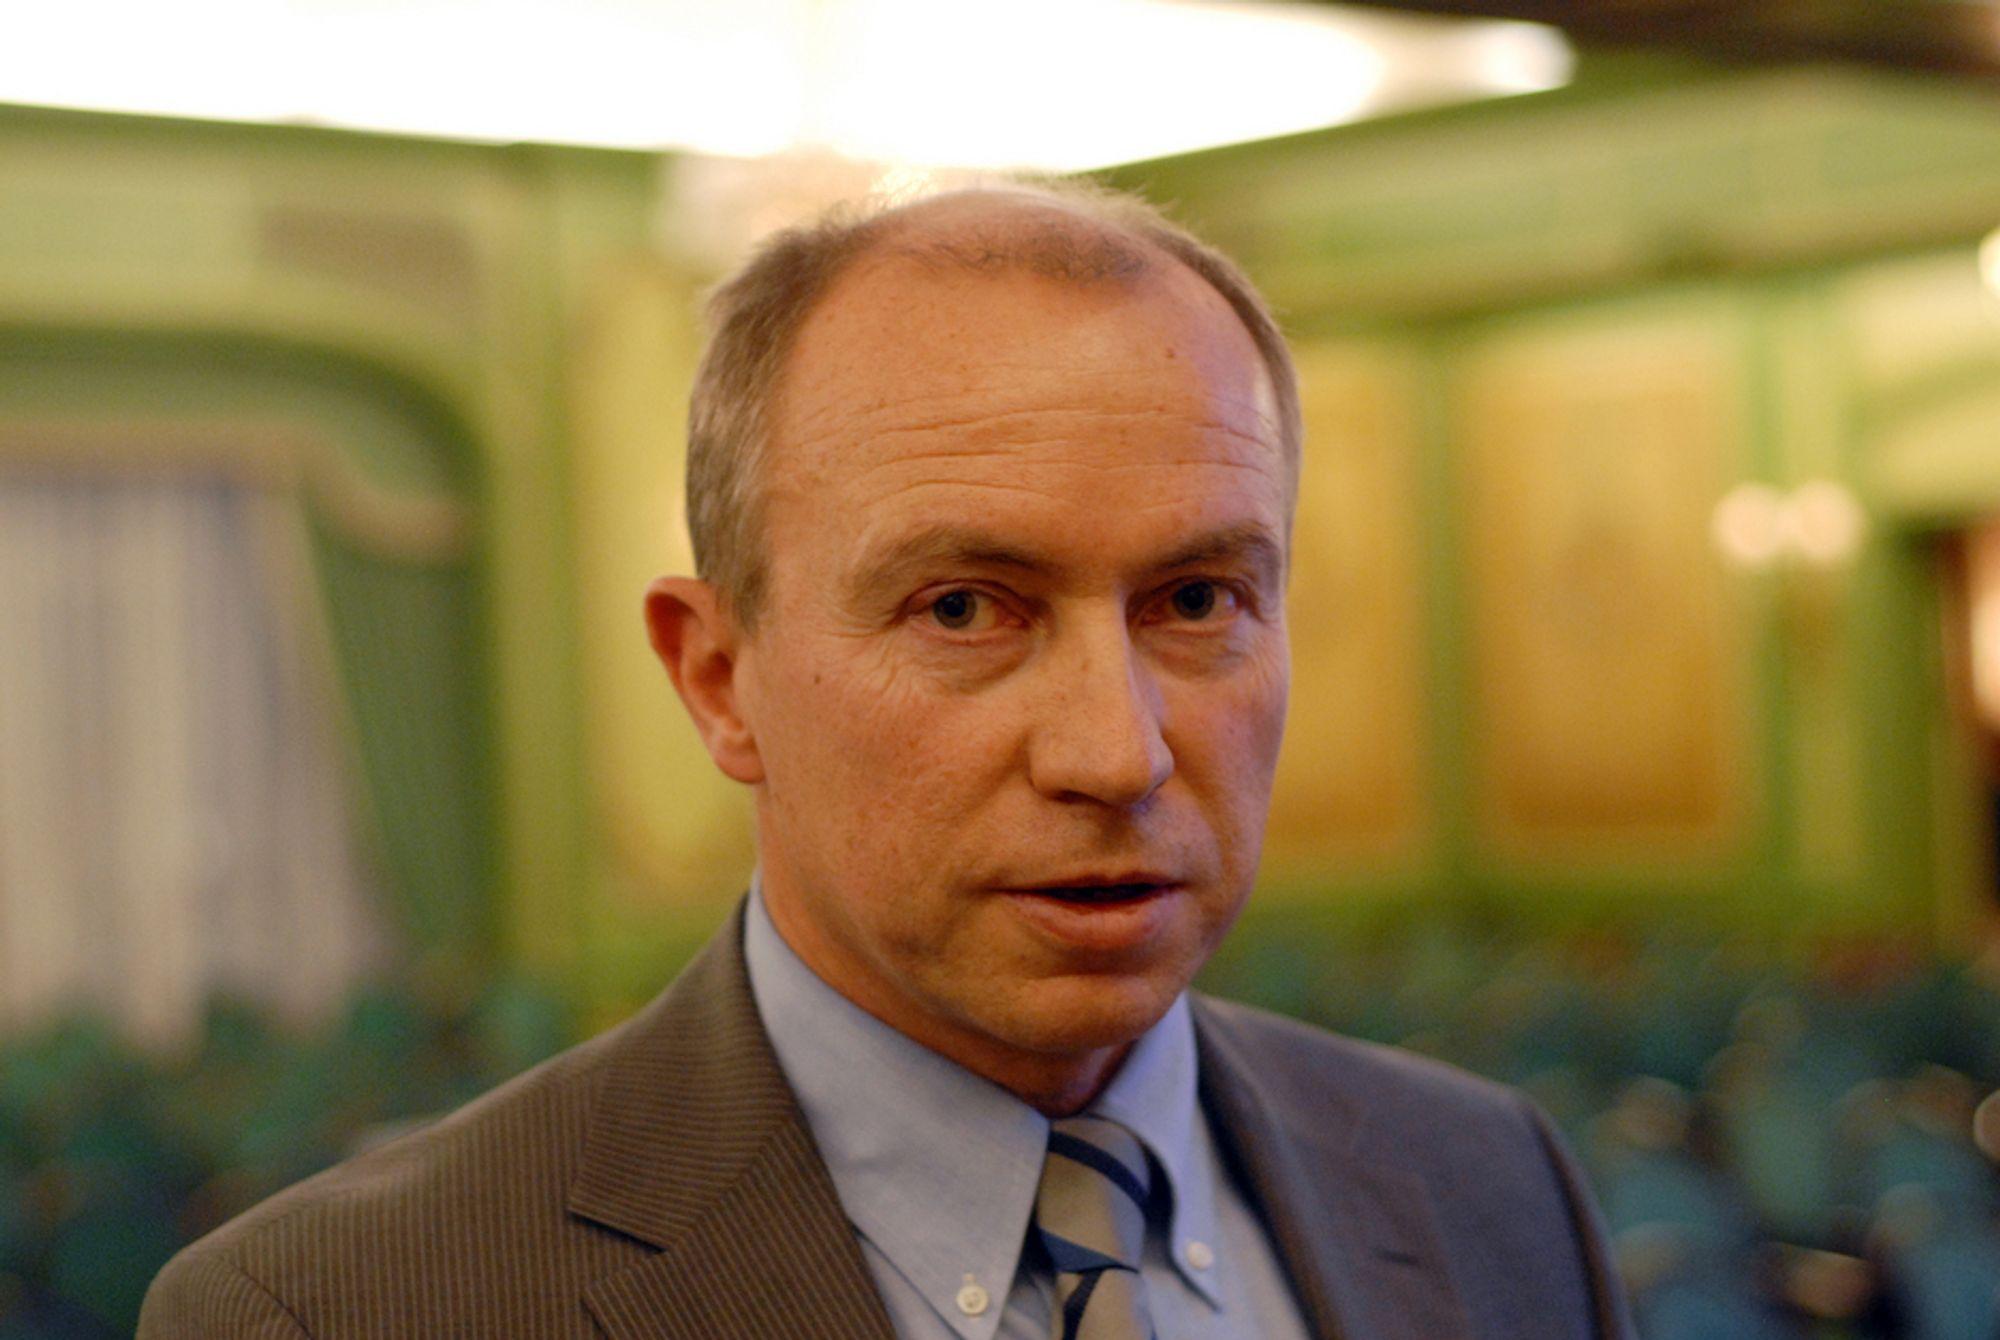 KRAFTMARKEDET FUNGERER: Statkraft-sjef Christian Rynning-Tønnesen mener kraftmarkedet fungerer, og at Statkraft håndterer vannet i magasinene på en forsvarlig måte.